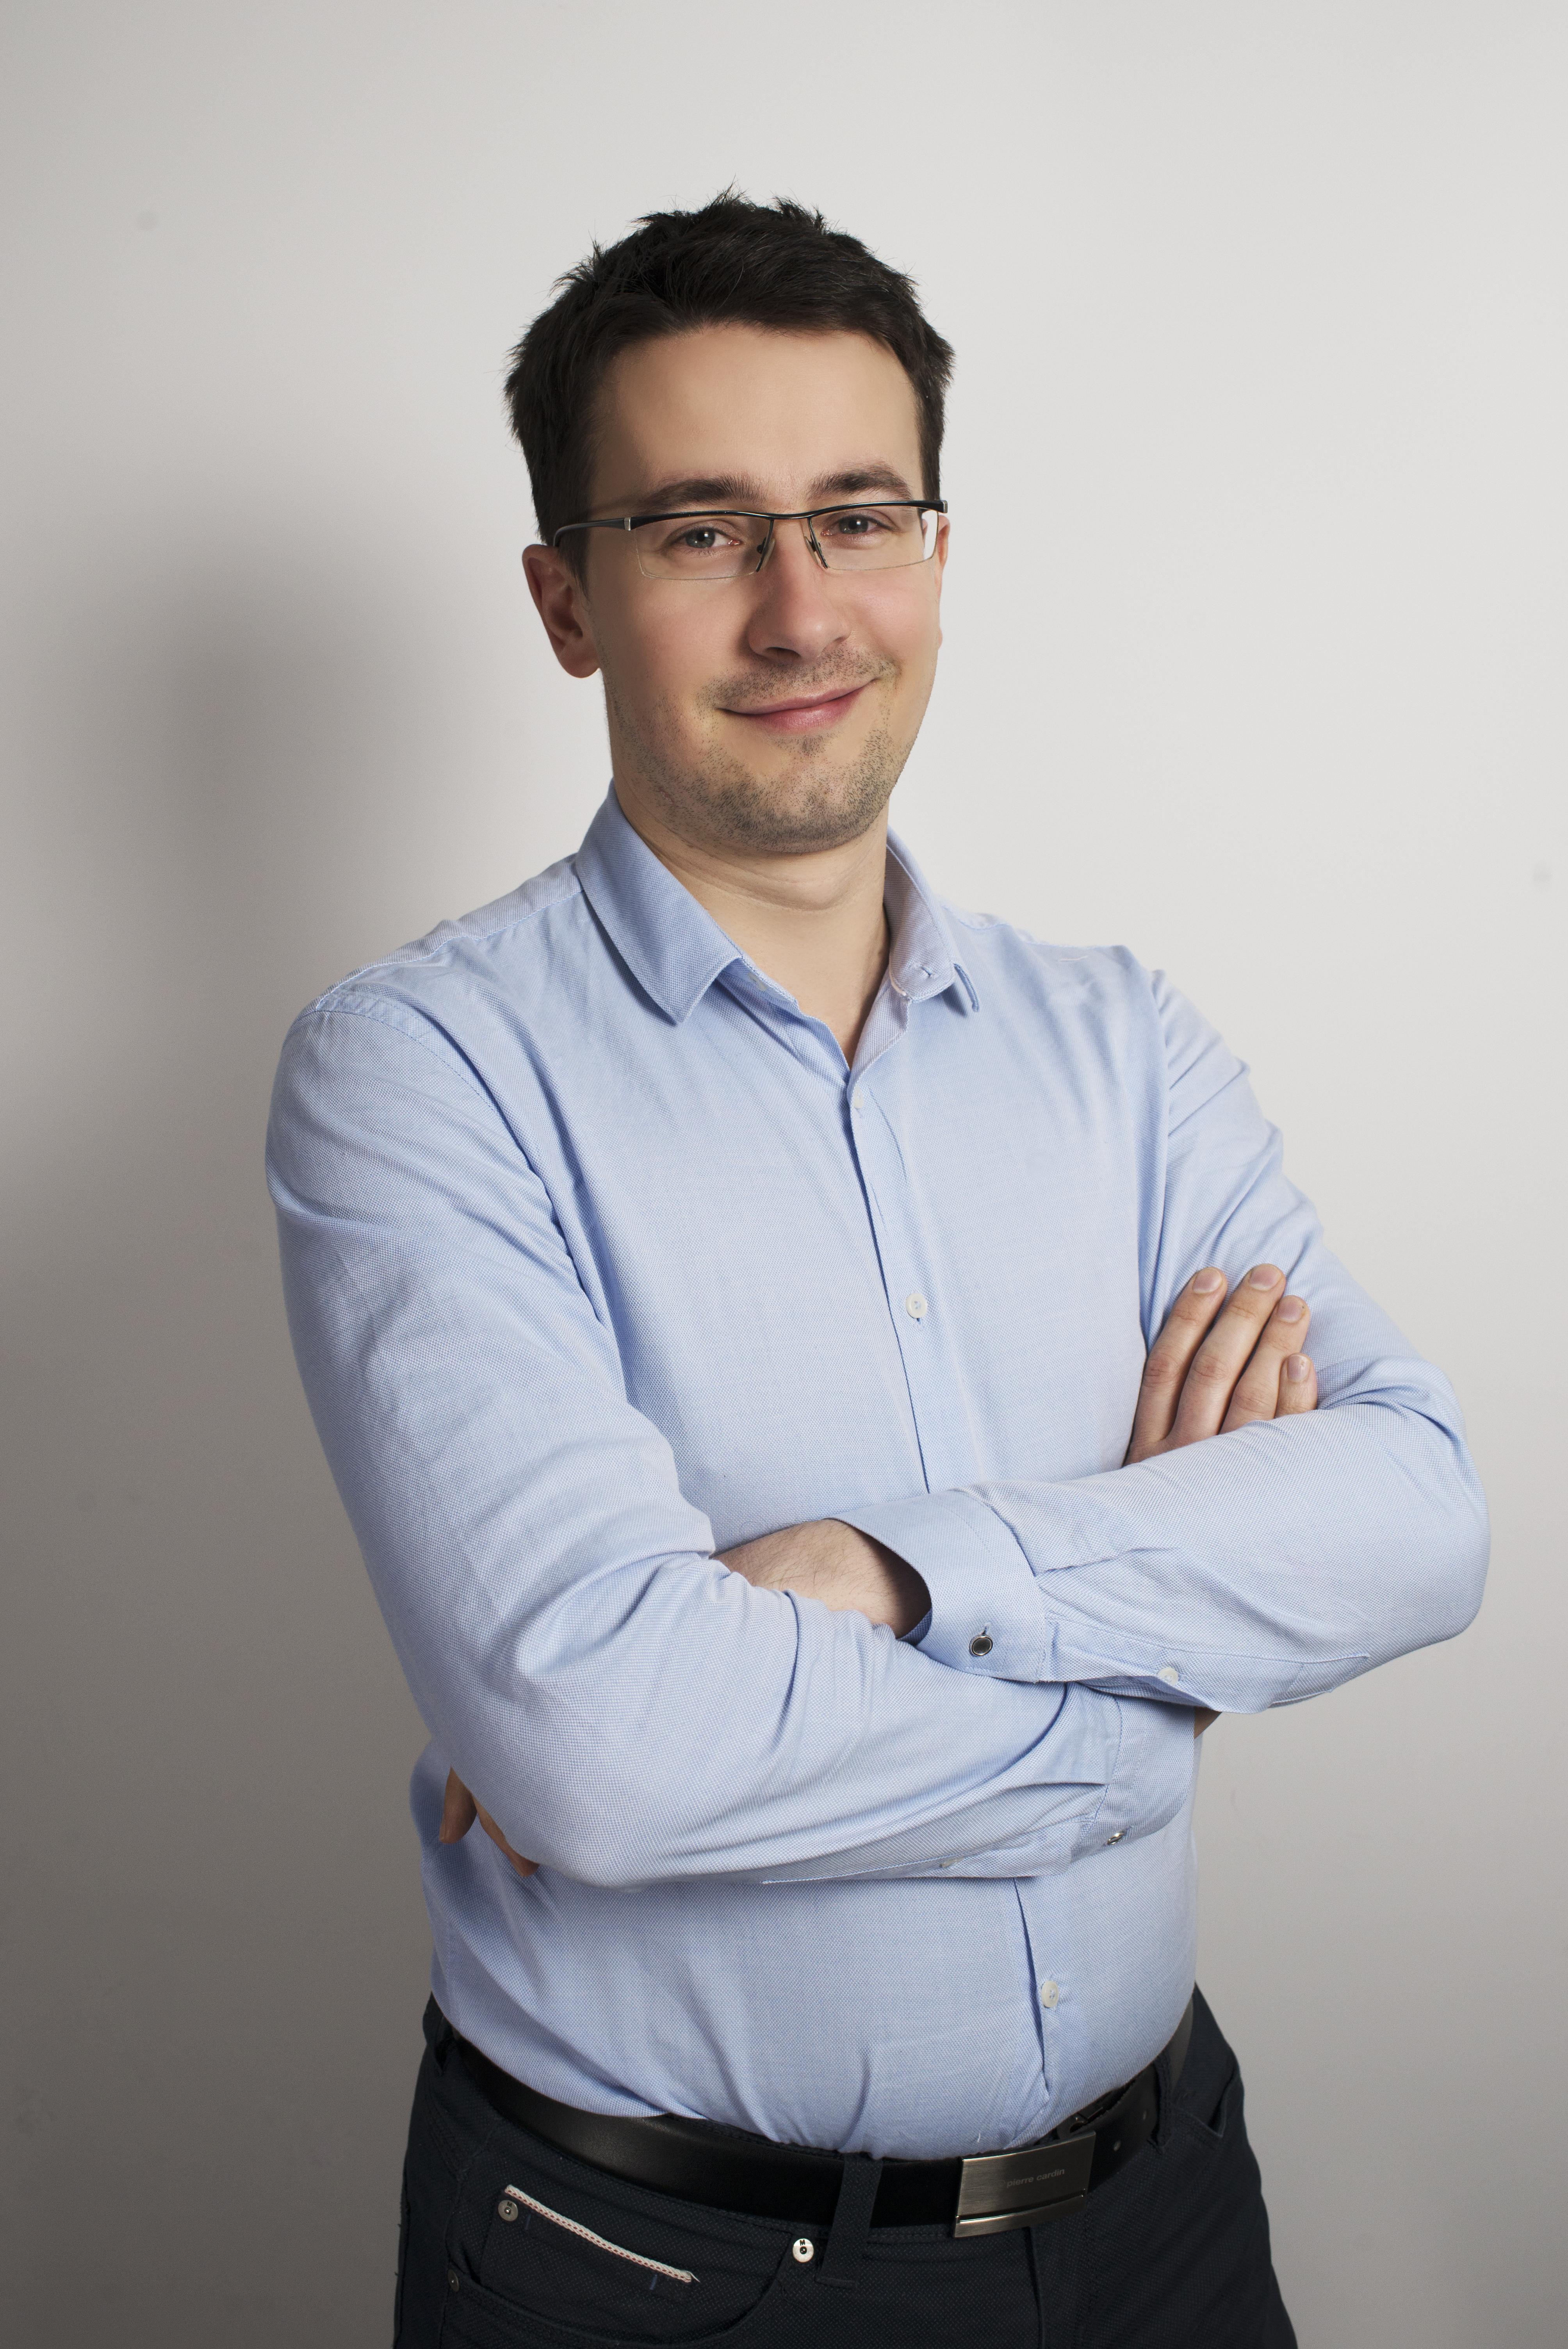 Lukasz-photo